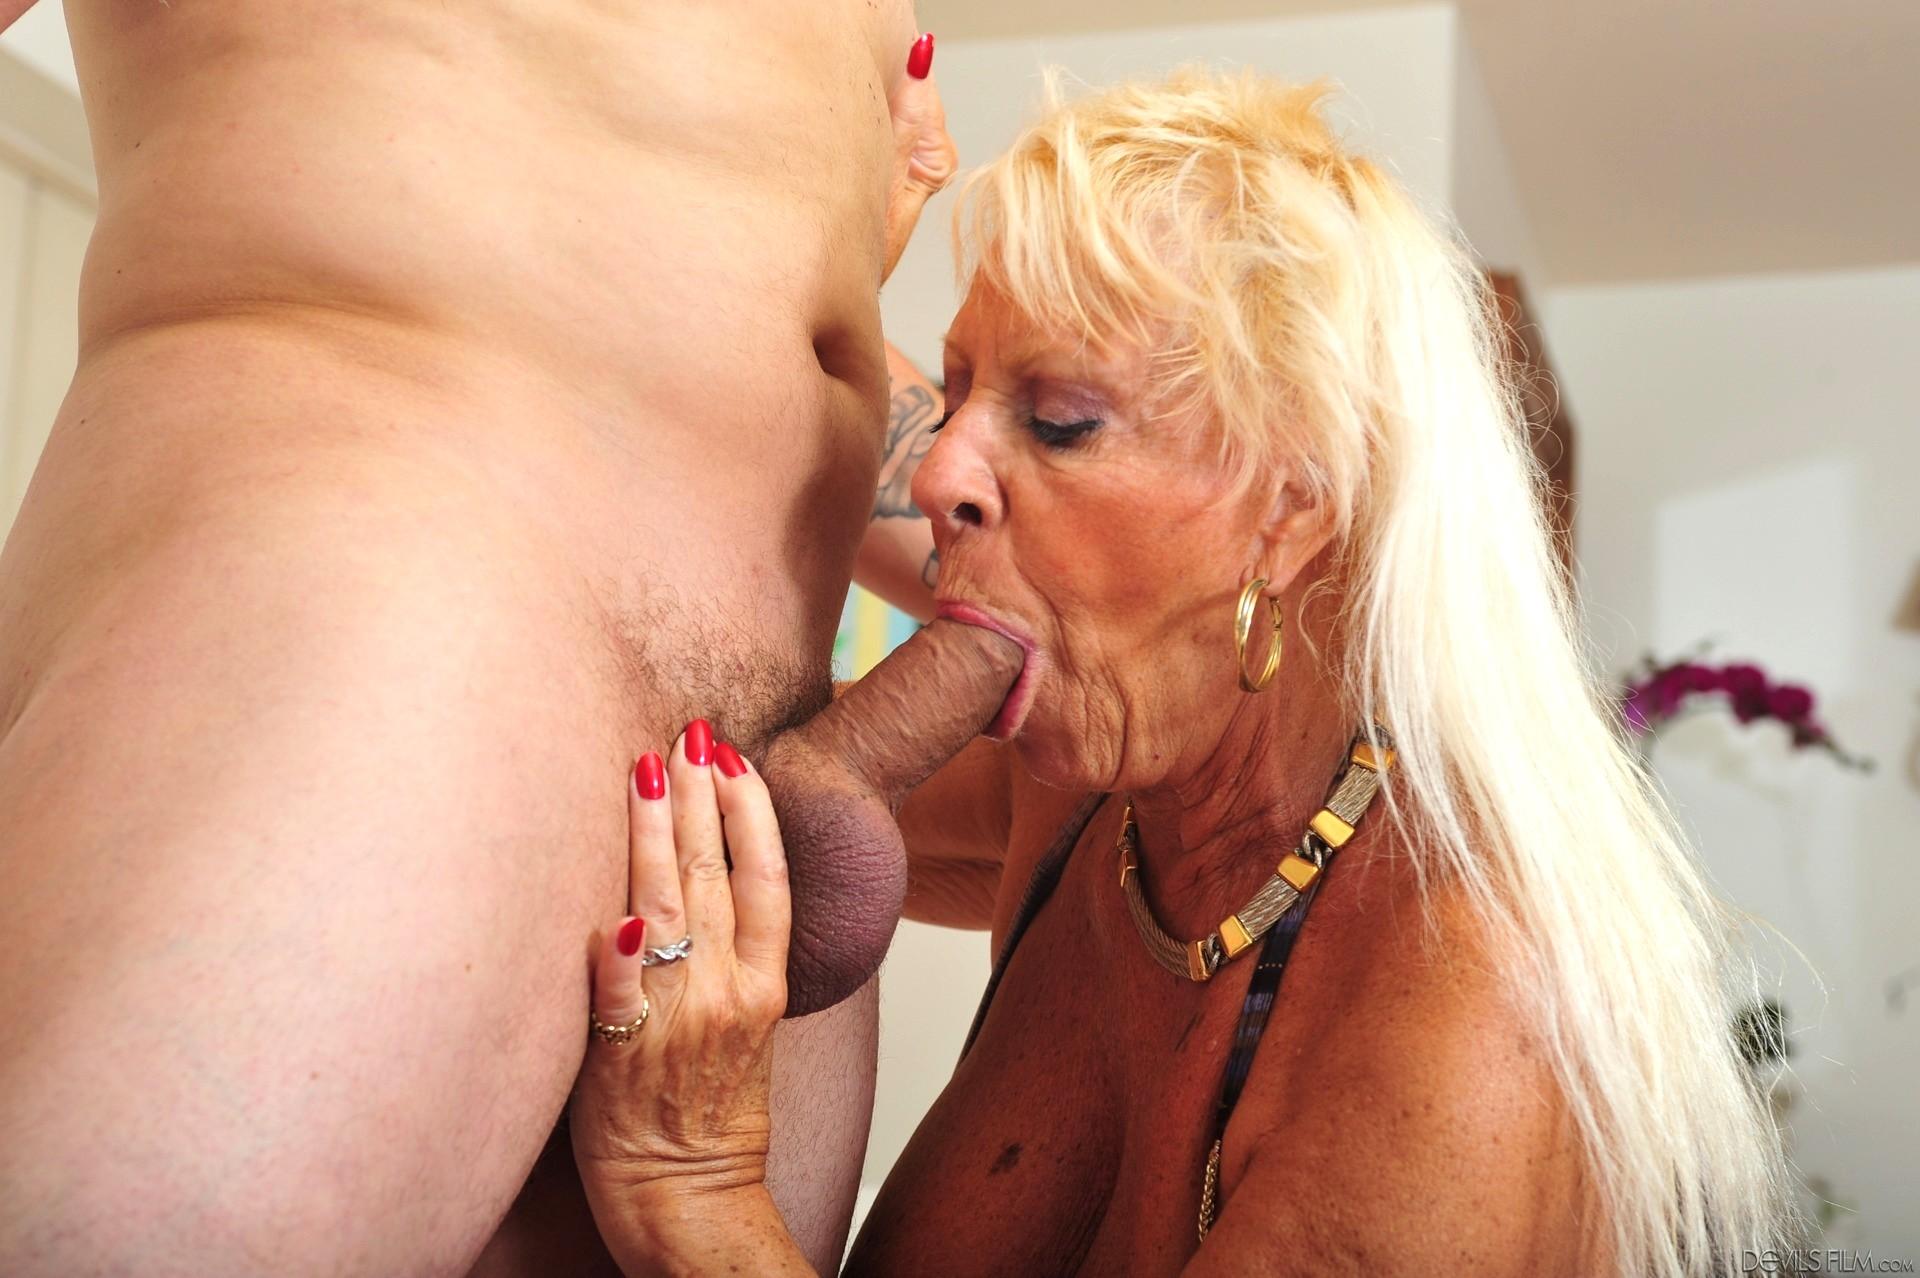 Free granny porn pics with black latina sluts